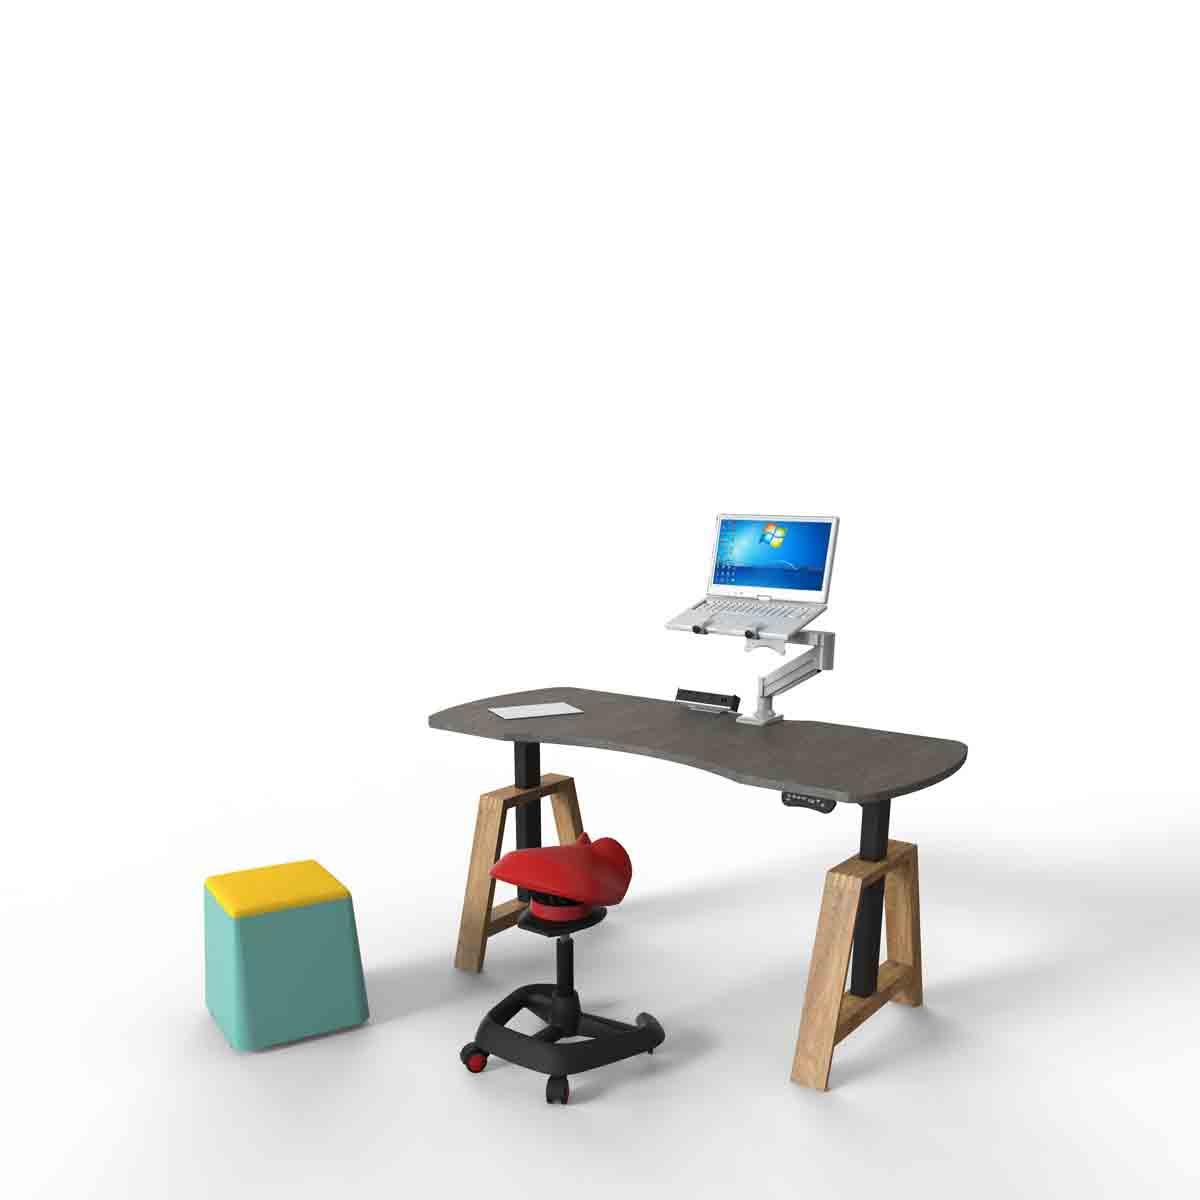 Ricco智能升降桌_人体工学升降桌_玛拉蒂高端万博app客户端